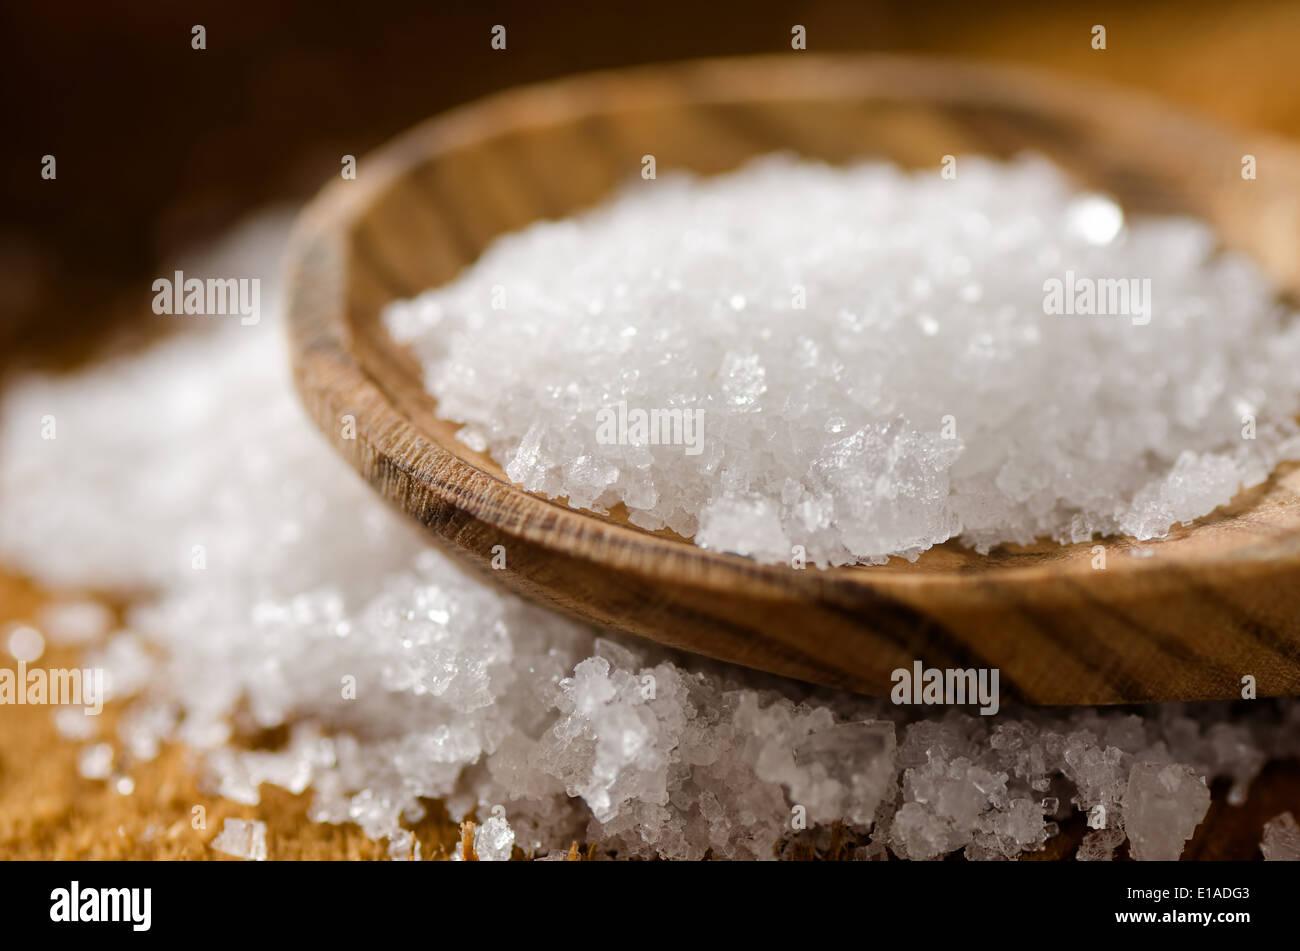 Close up of sea salt - fleur de sel. - Stock Image